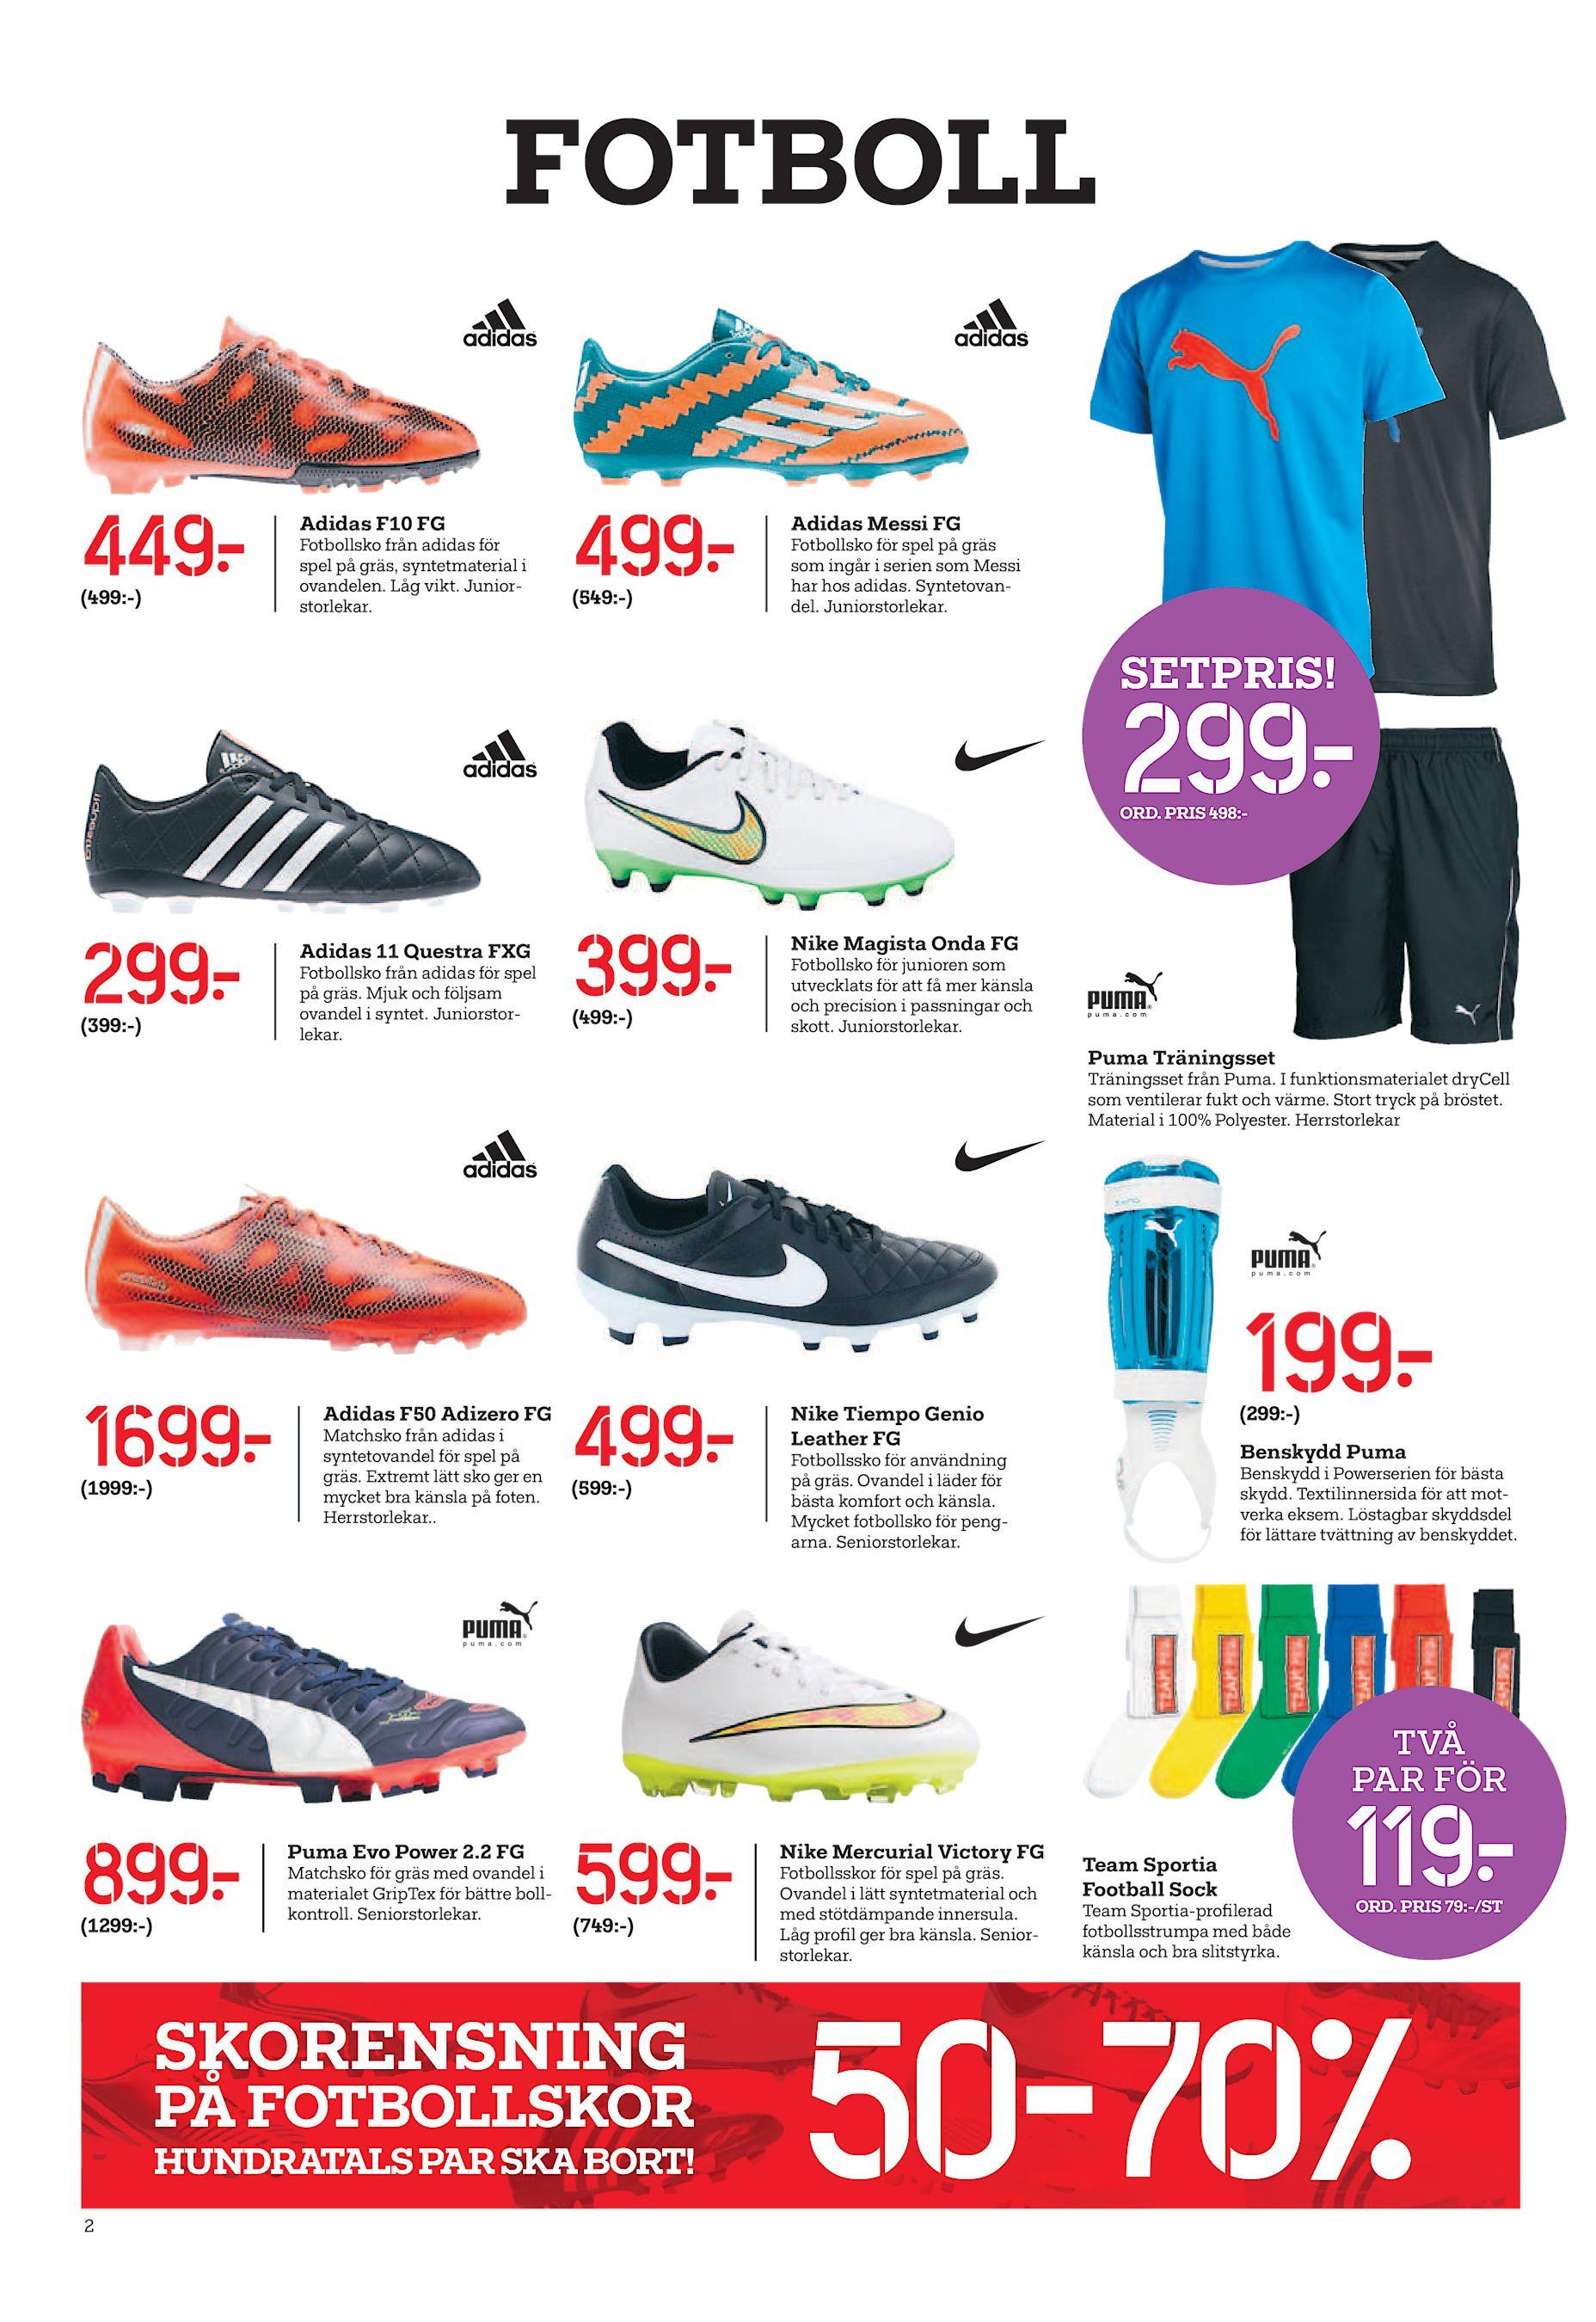 super popular b43eb b93af FOTBOLL 449  (499 -) Adidas F10 FG Fotbollsko från adidas för spel på gräs,  syntetmaterial i ovandelen. Låg vikt. Juniorstorlekar. 499  (549 -) Adidas  Messi ...